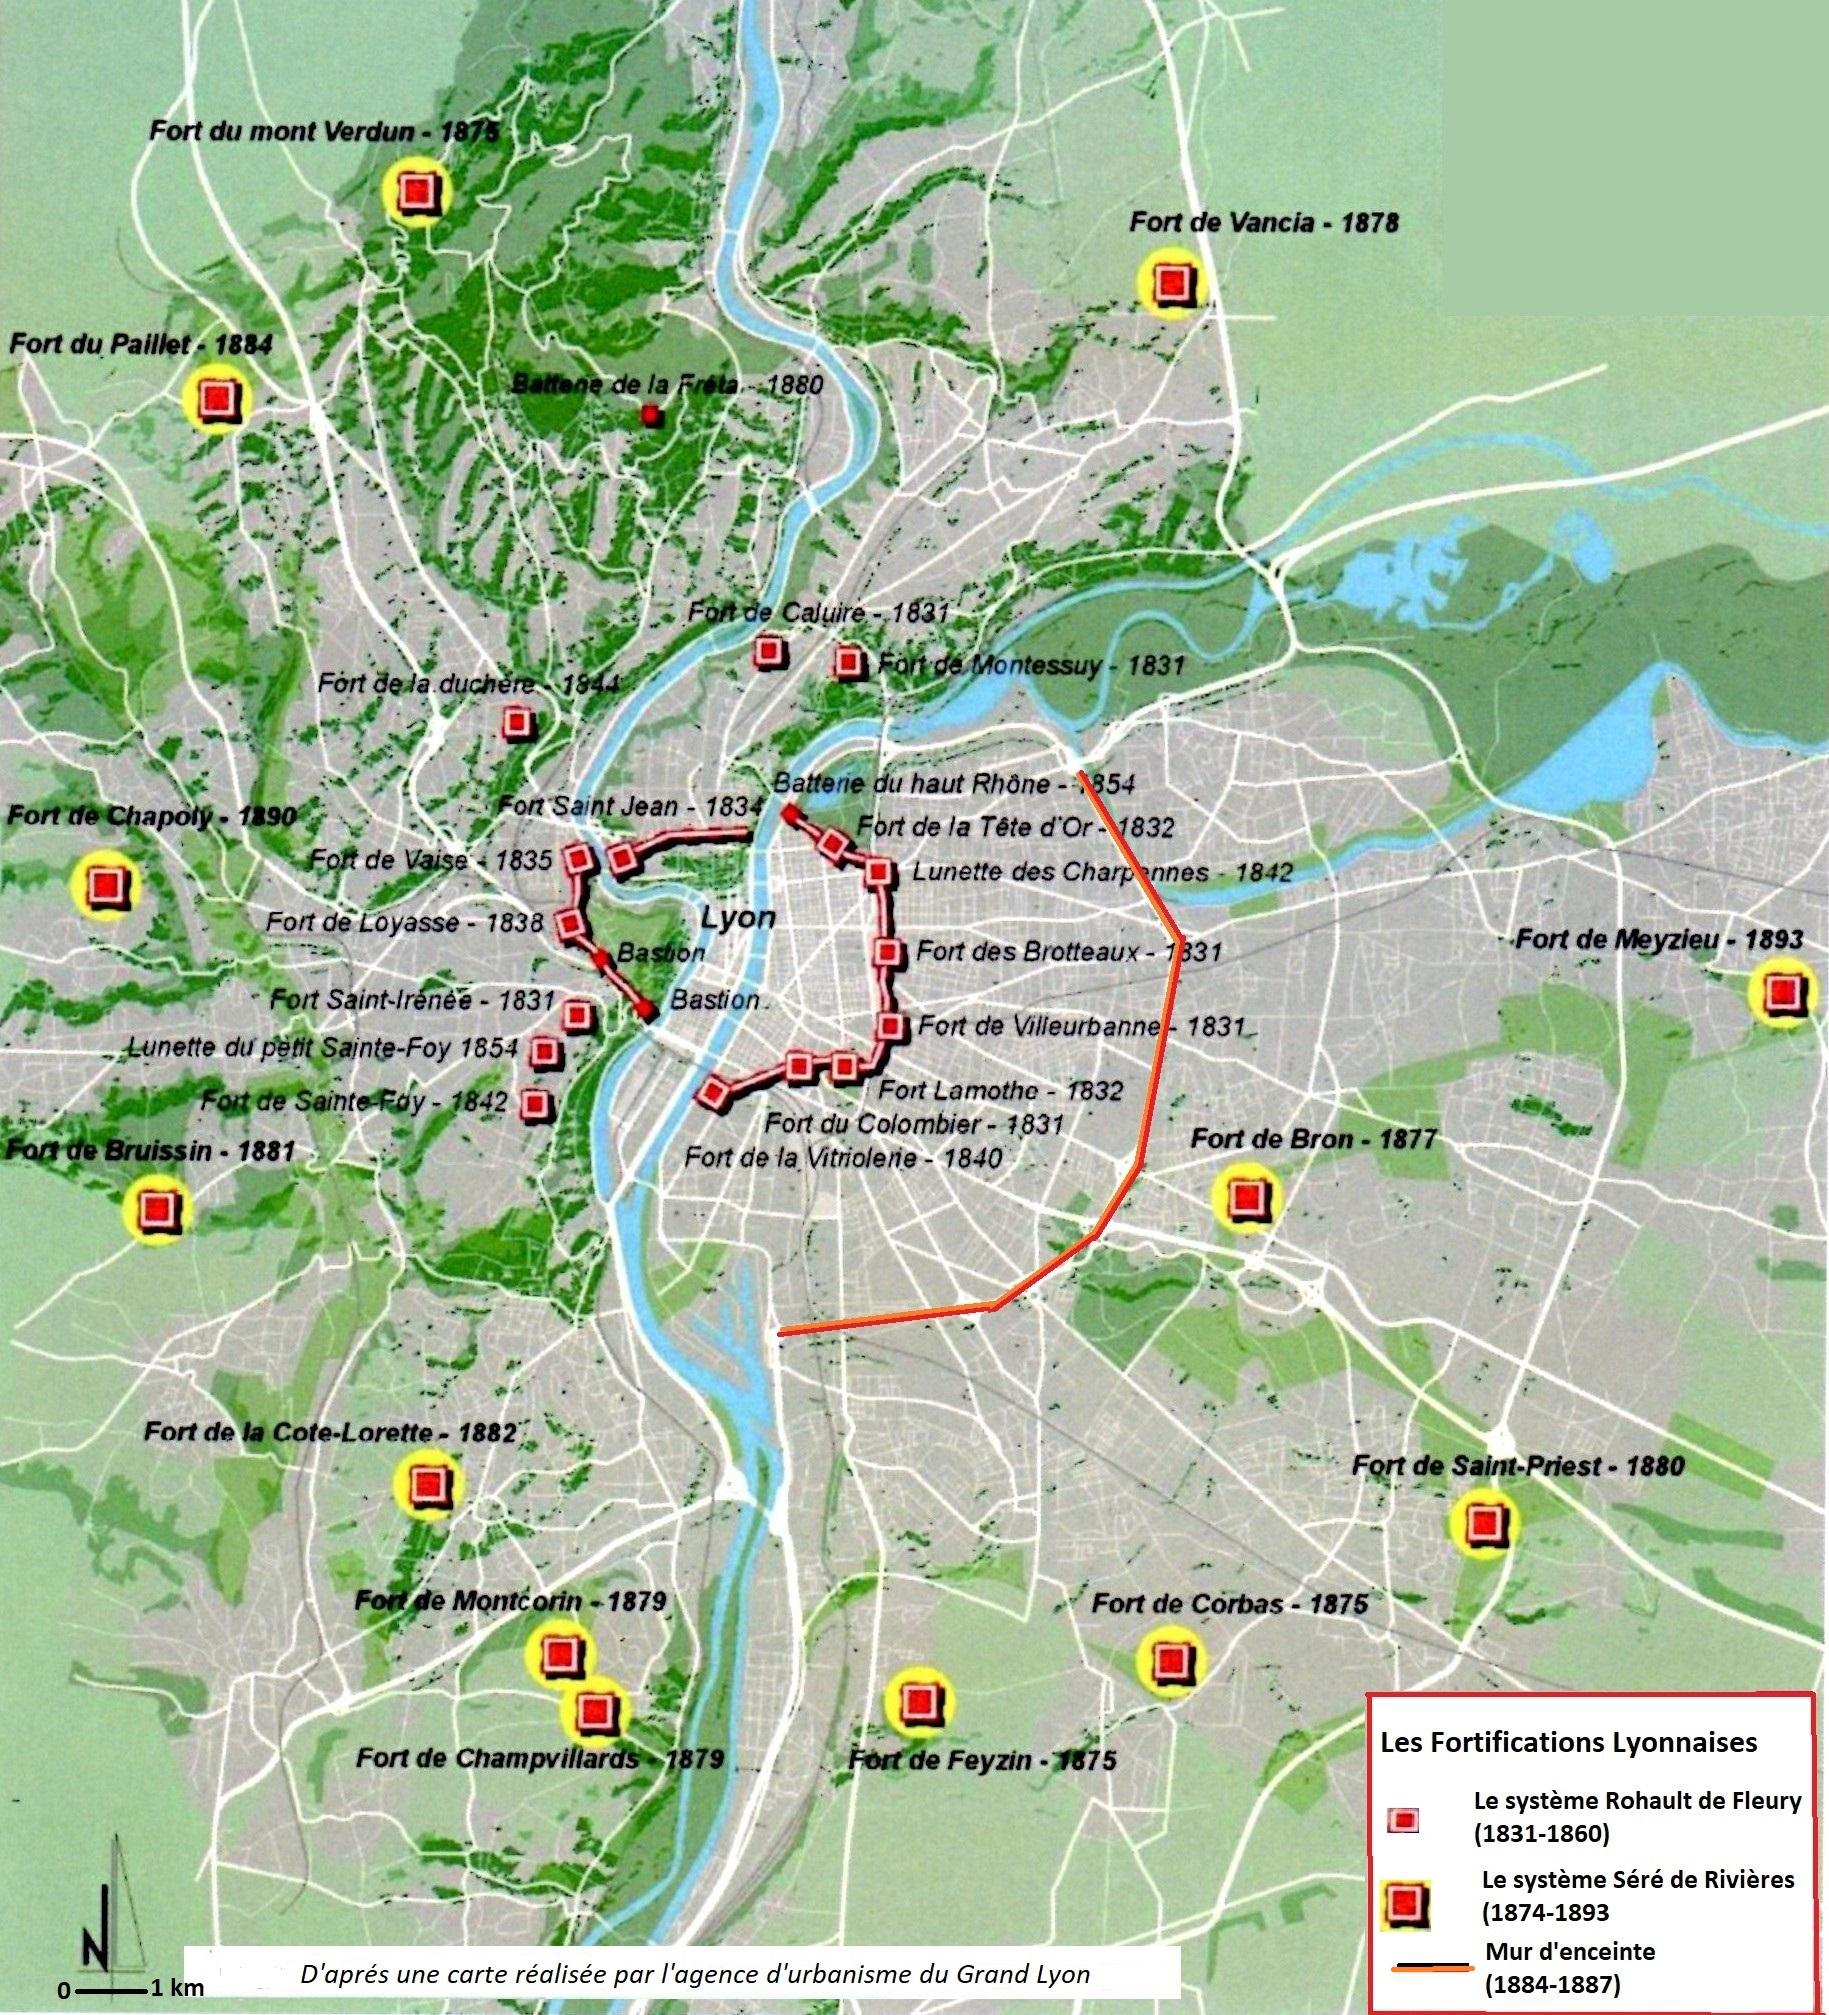 Les Fortifications Lyonnaises 1831 A 1893 Association Du Fort De Bron